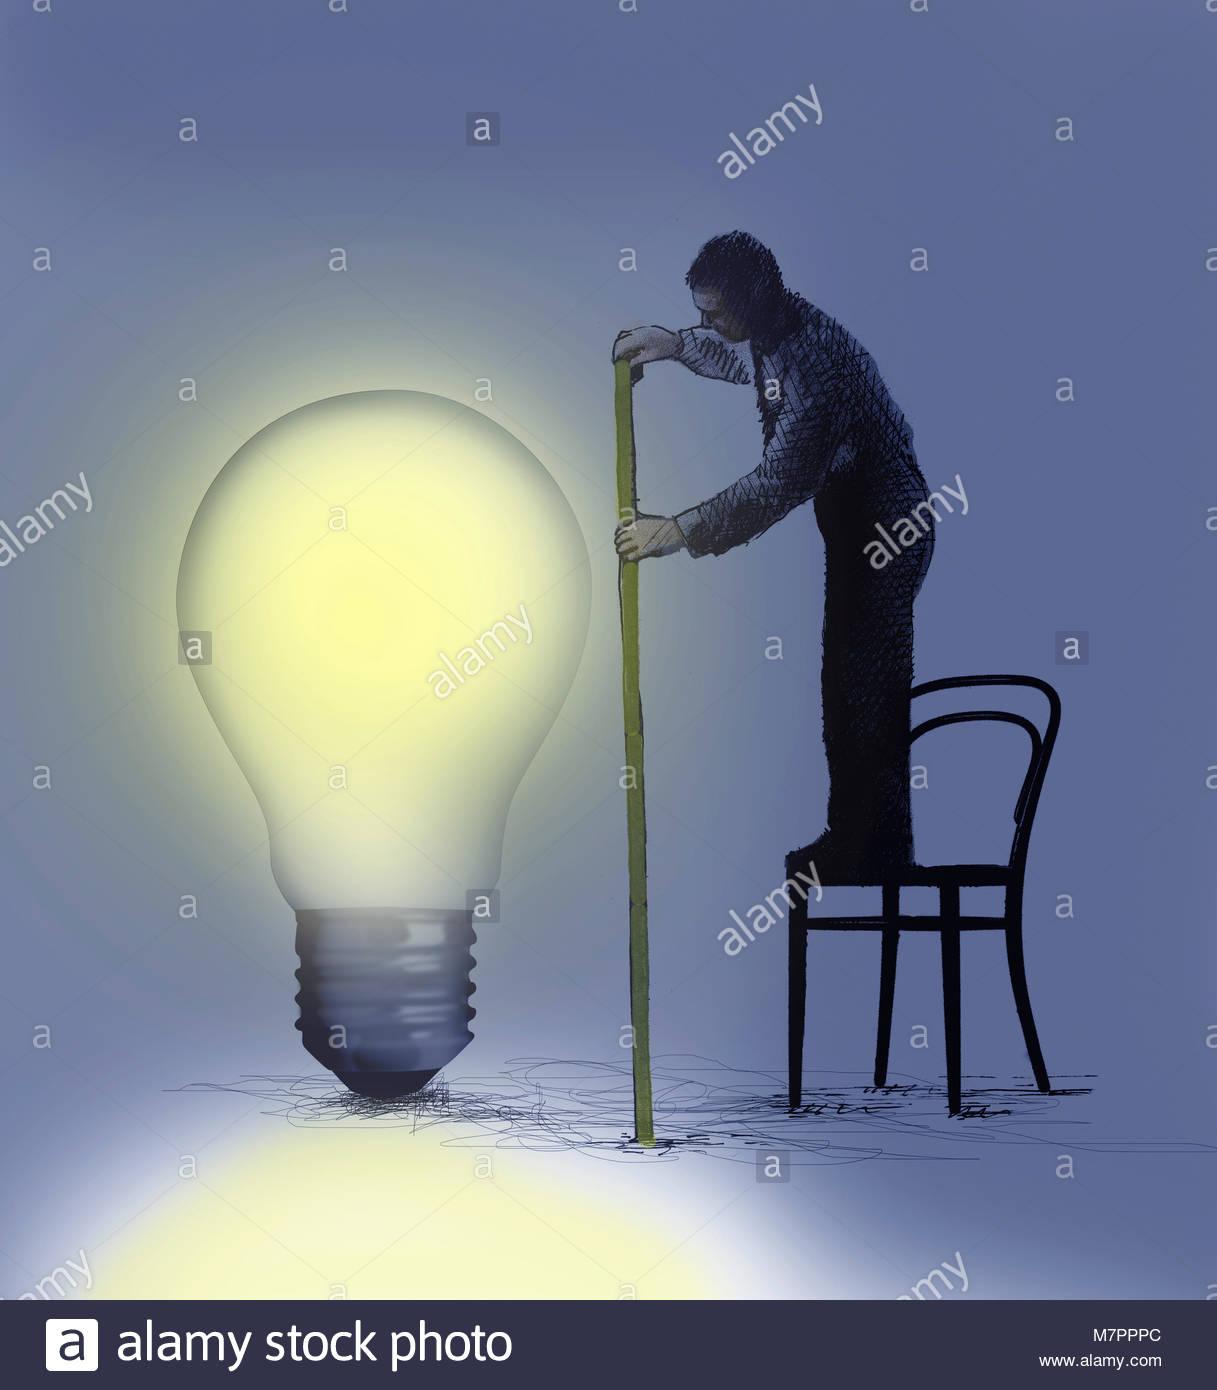 Unternehmer stehen auf Stuhl messen große beleuchtete Glühbirne Stockbild